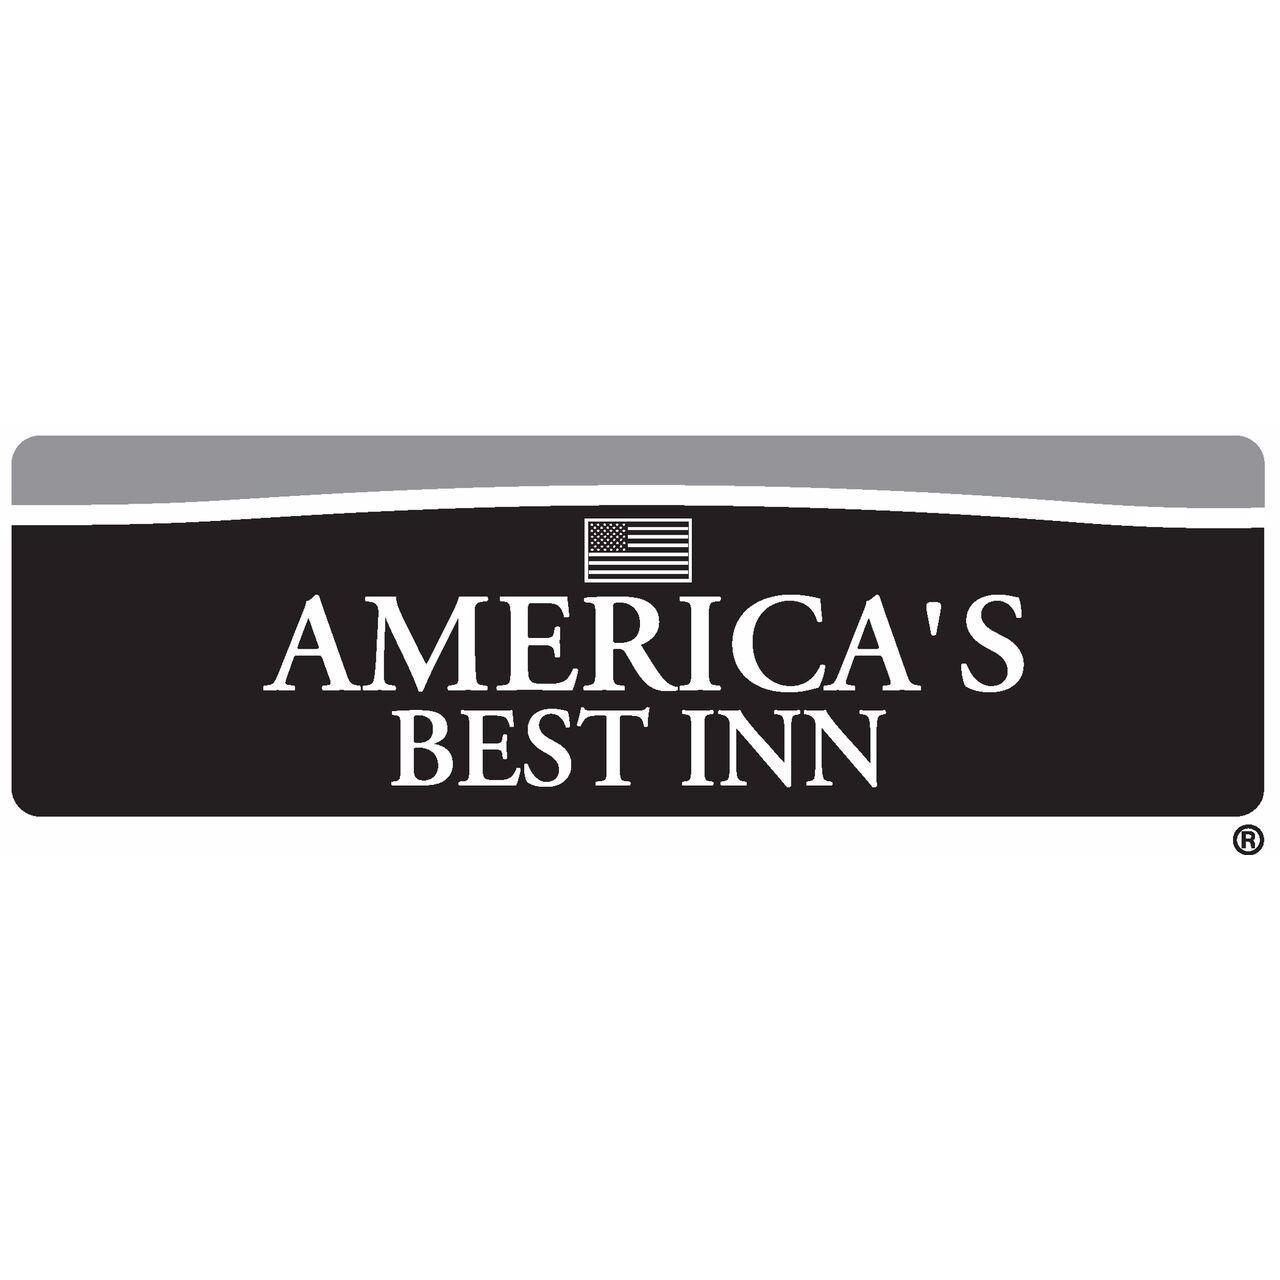 America's Best Inn - Troy - Troy, OH - Hotels & Motels